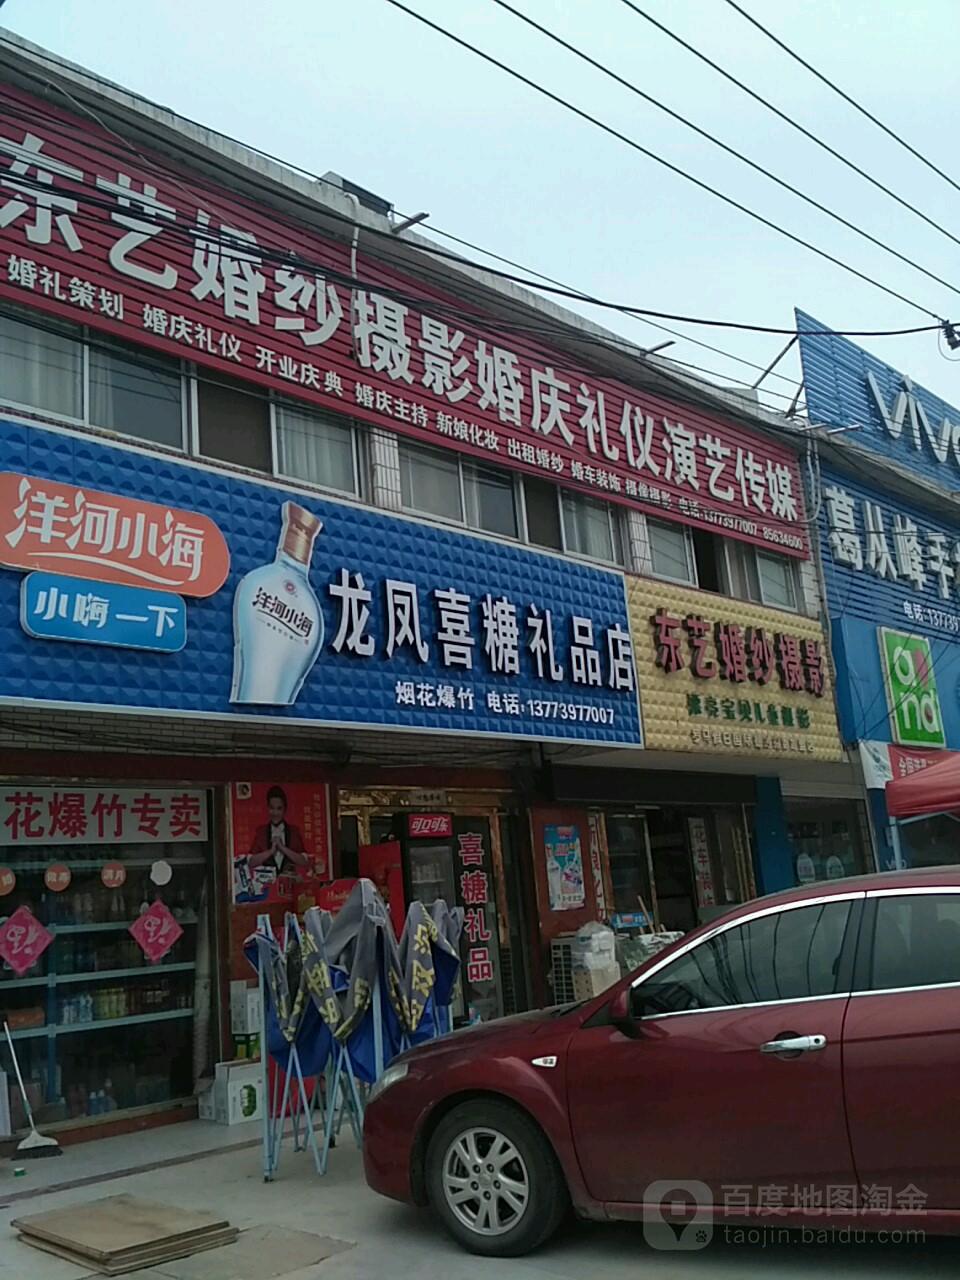 江苏省宿迁市泗阳县裴圩镇众裴厨柜西(黄圩医院东北200米)金华哪里有卖不锈钢二线图片